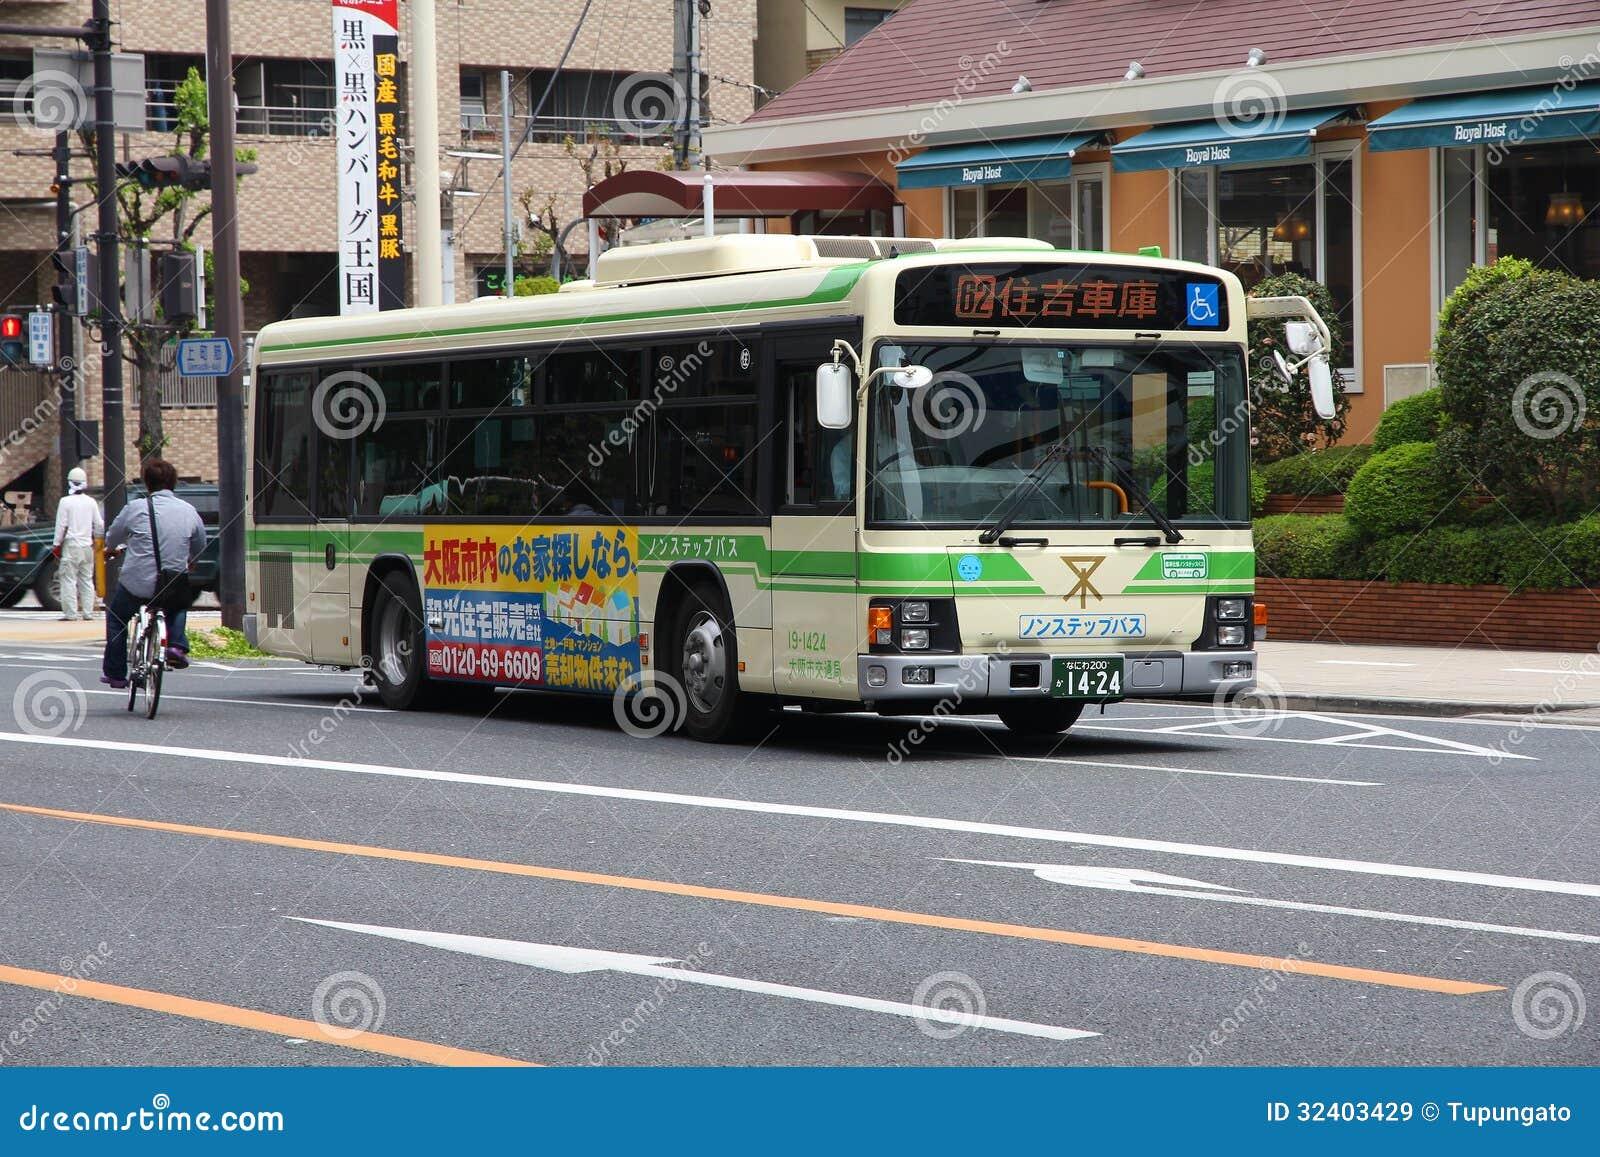 Osaka City Bus Editorial Stock Image Image Of Public